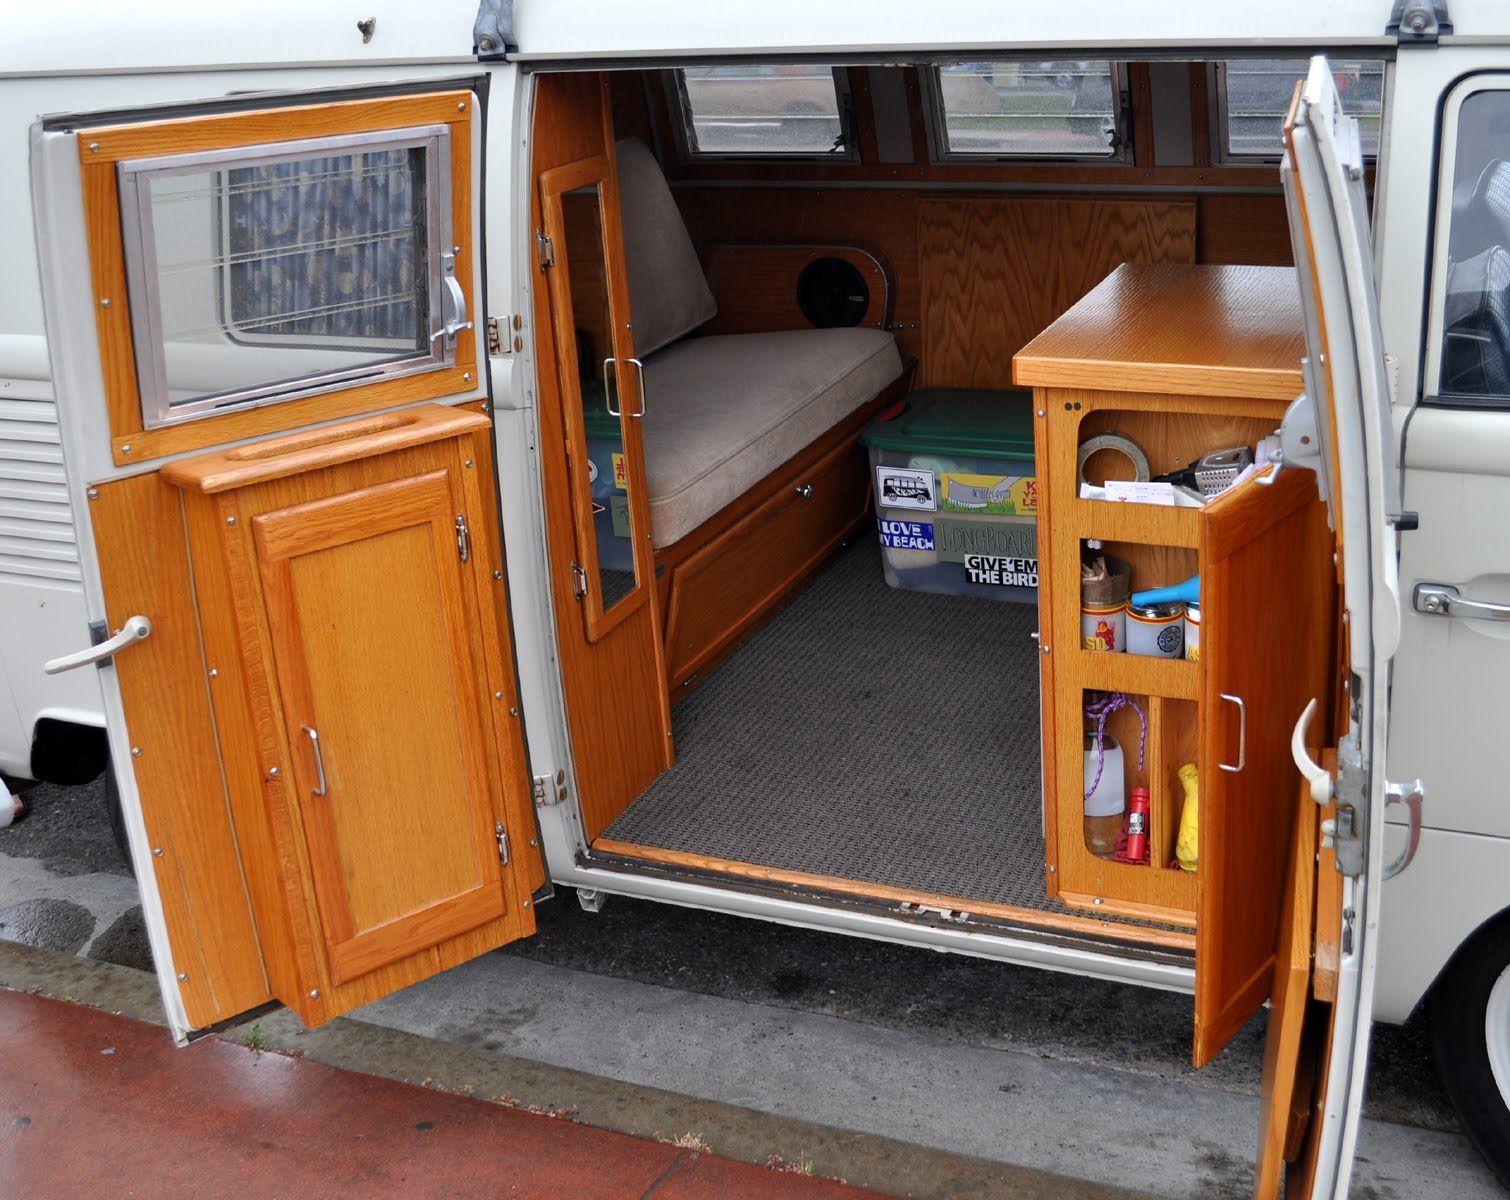 kombi home interior Pesquisa Google Kombi home, Kombi